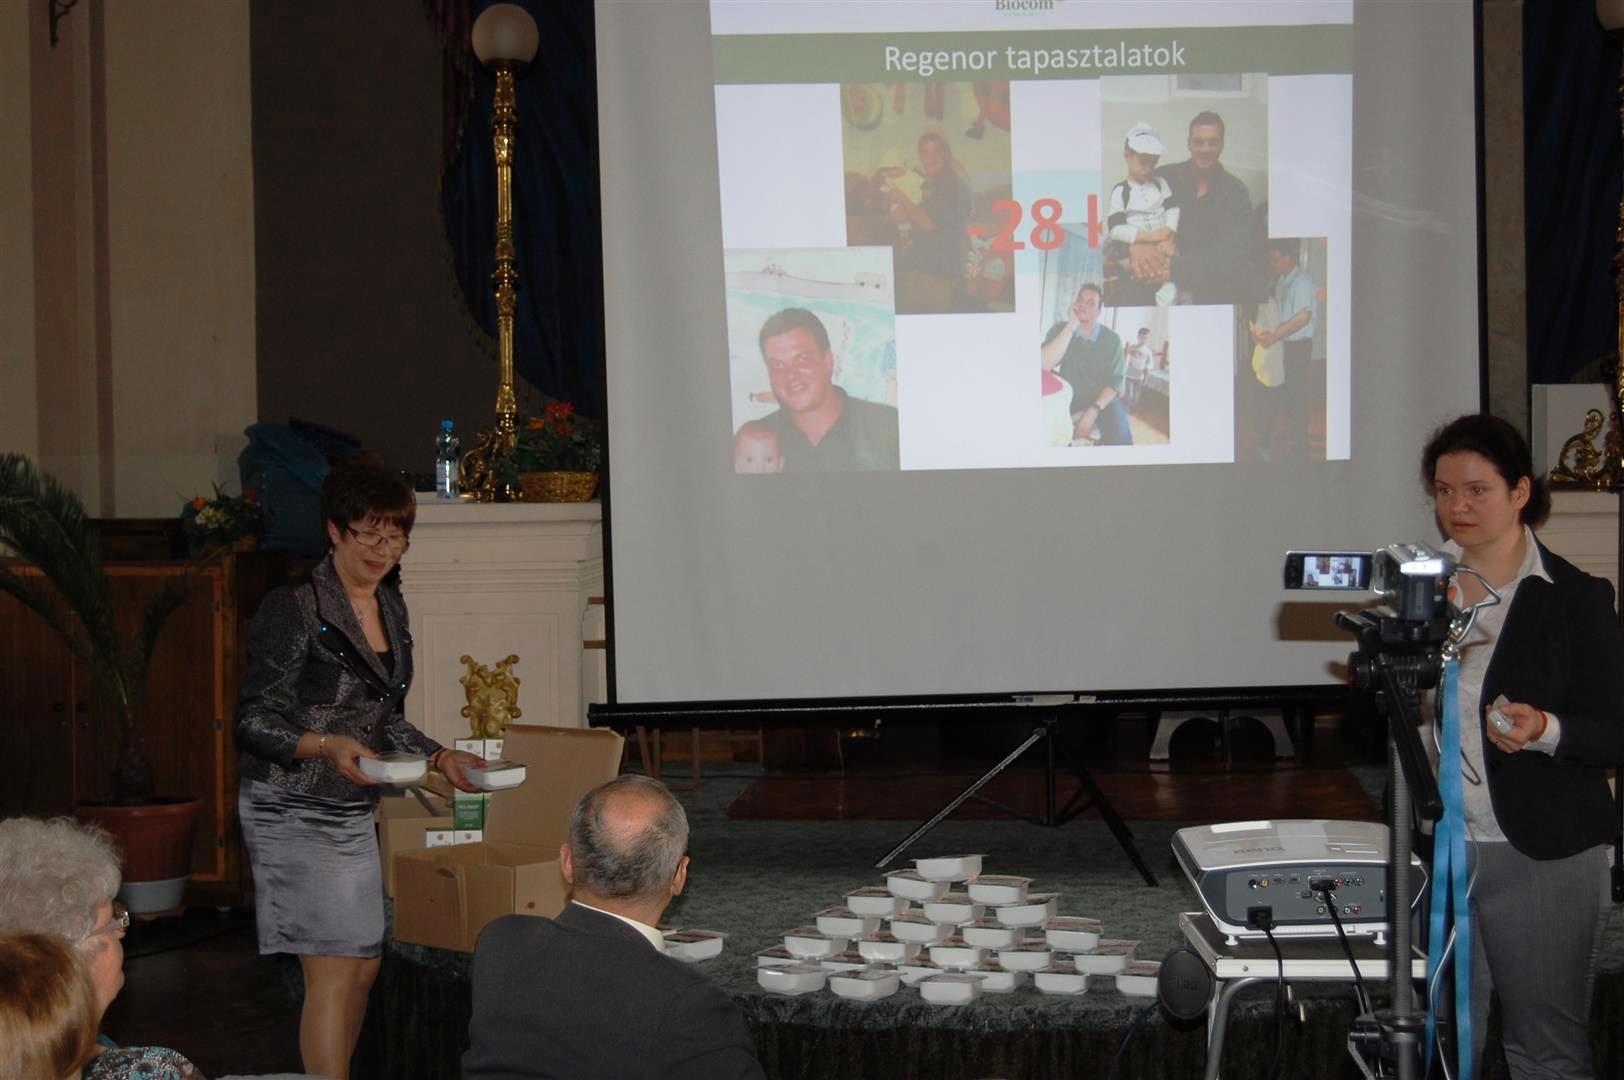 A bajai üzletasszony a leadott kilókat szimbolizálja a zsírral, miközben szponzori segítséget kap a kép jobb oldalán látható Pintér Pámer Krisztinától